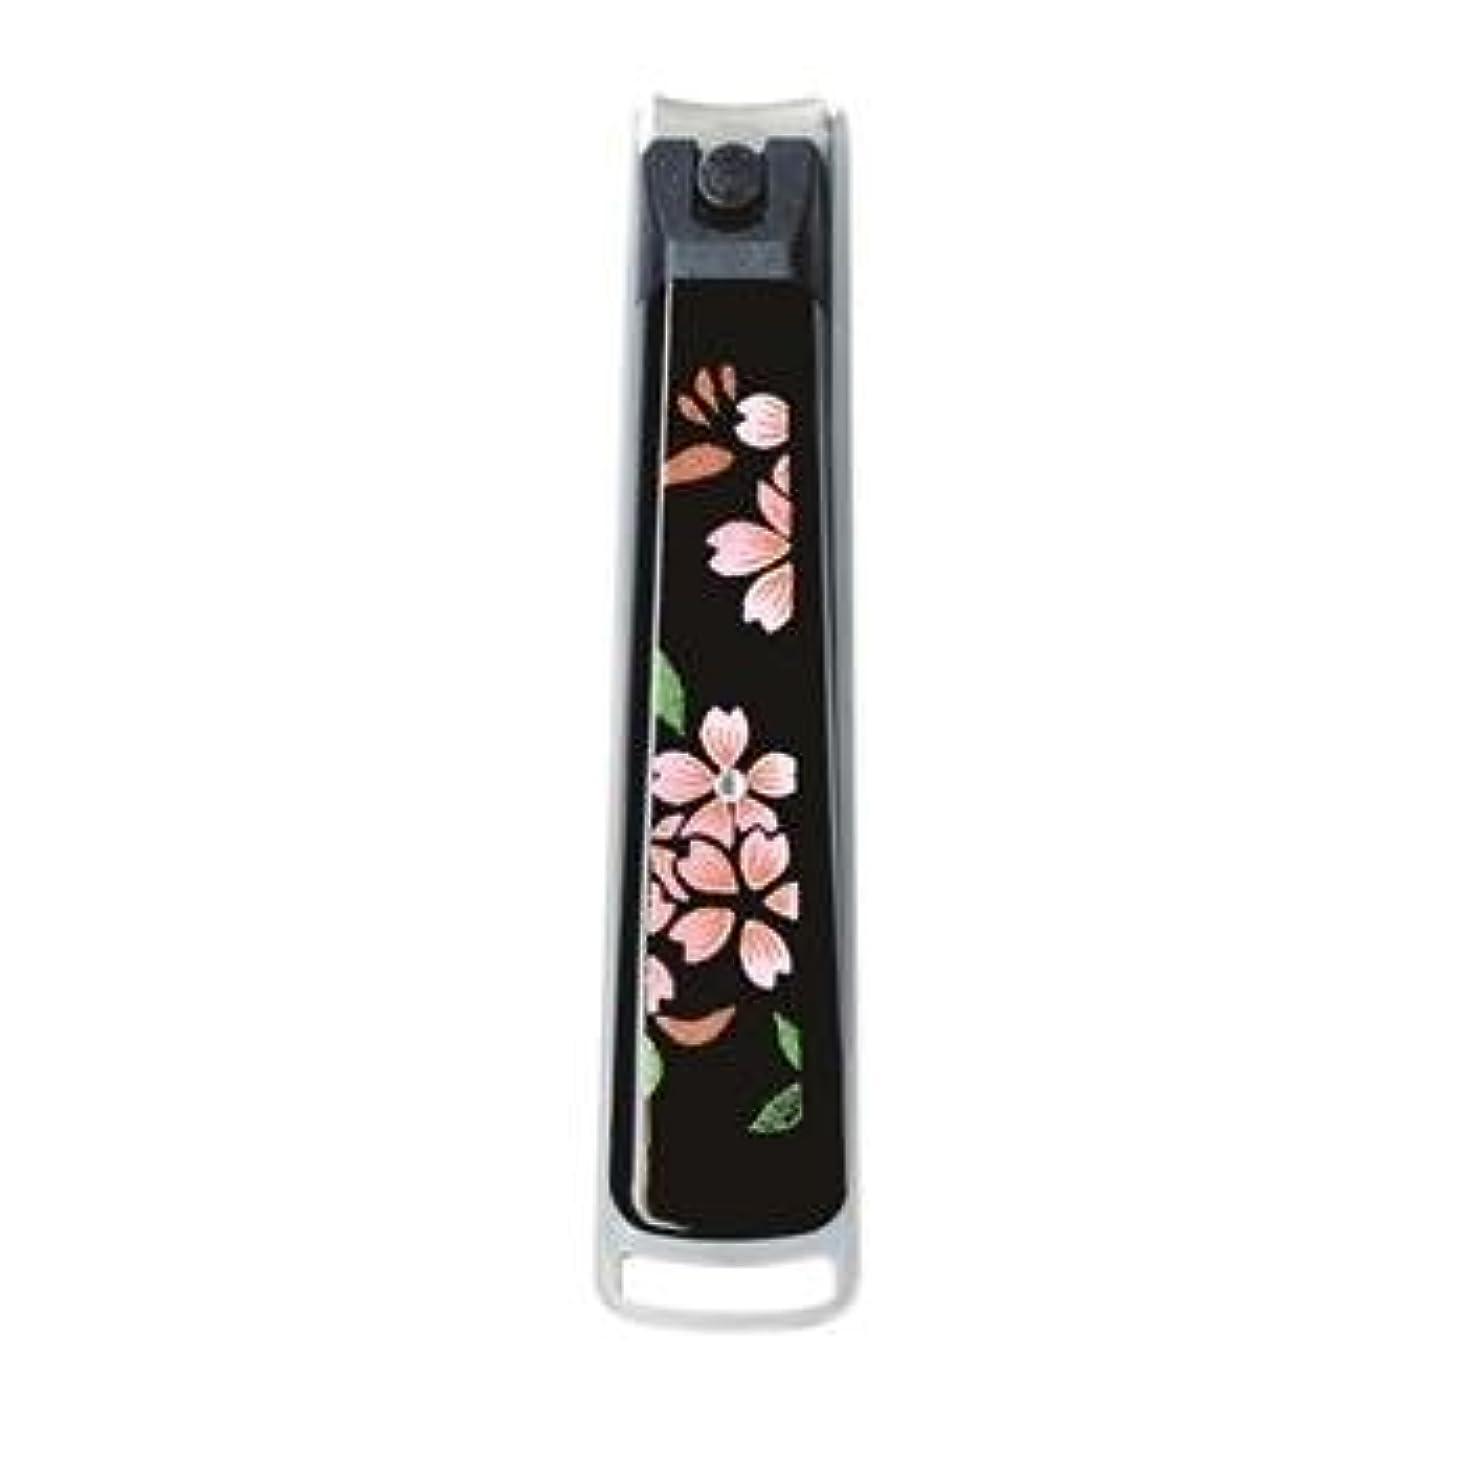 残るペインティング誓い紀州漆器 22-82-7B 蒔絵ミニ爪切り 紙箱入り サイズ 1.3×7.3×1.8cm